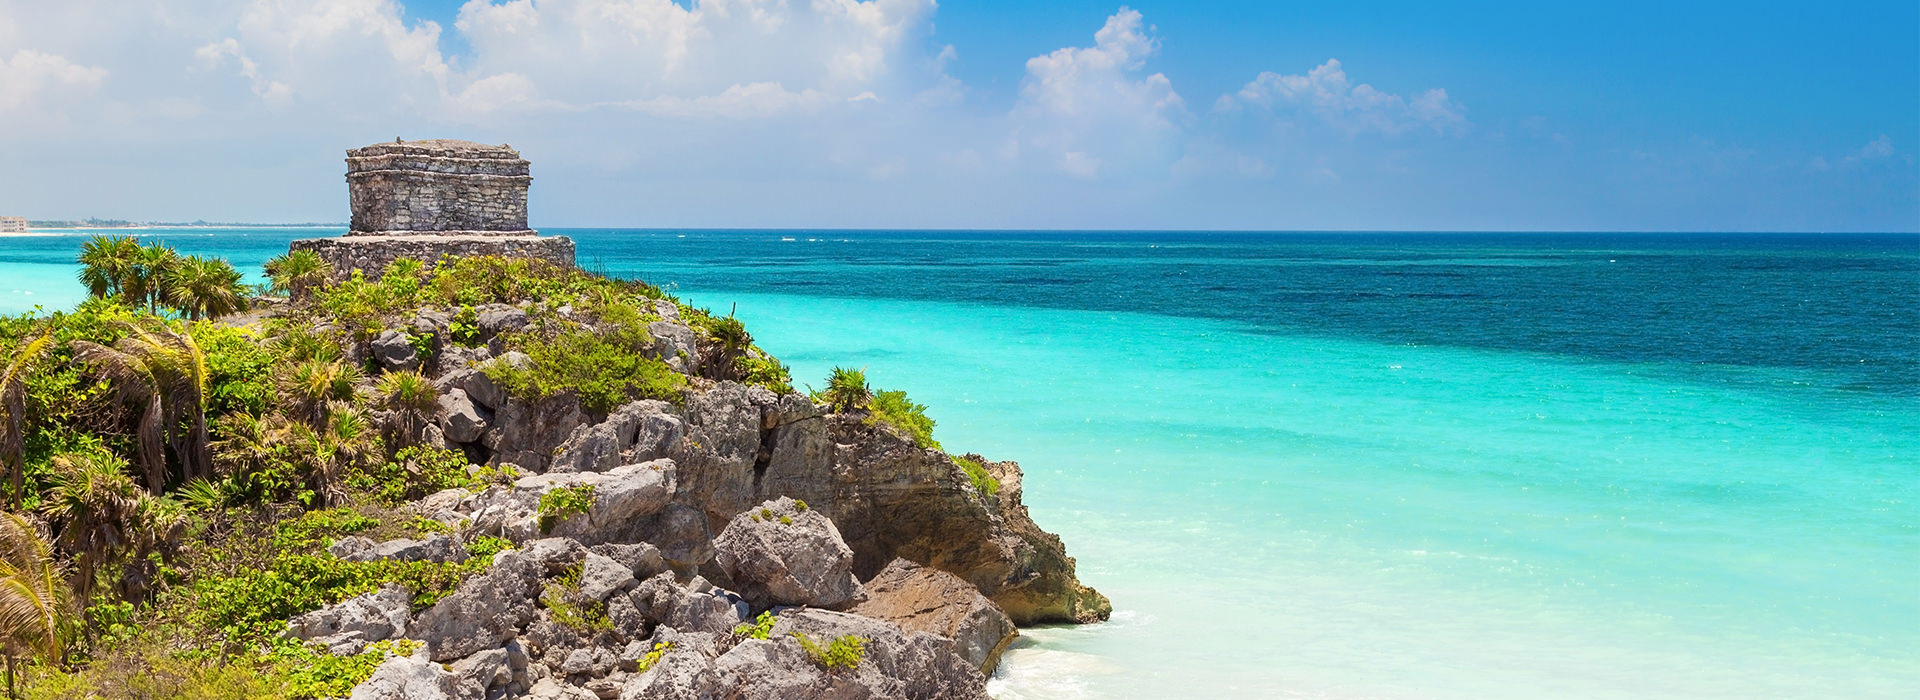 vacaciones a la riviera maya en playas de tulum